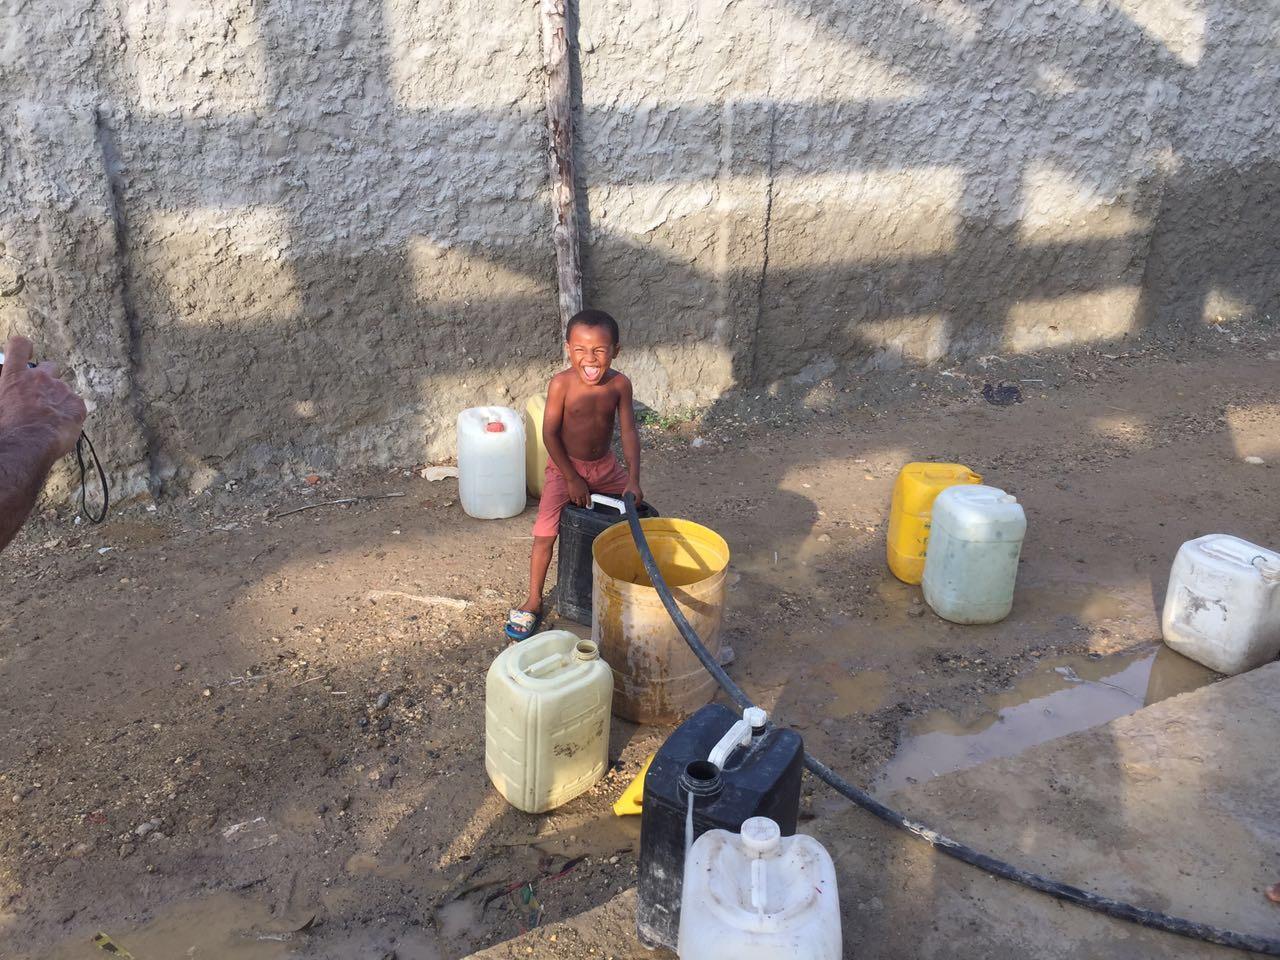 Création d'une Centrale d'eau potable dans un Centre de Santé de Bocachica, Colombie - L'Île de Tierrabomba est située dans la région du caraïbe colombien, à l'entrée de la grande baie de Cartagena. Cette île est un témoin très important de l'héritage culturel et historique de l'Afrique dans la formation des nouvelles nations d'Amérique Latine…